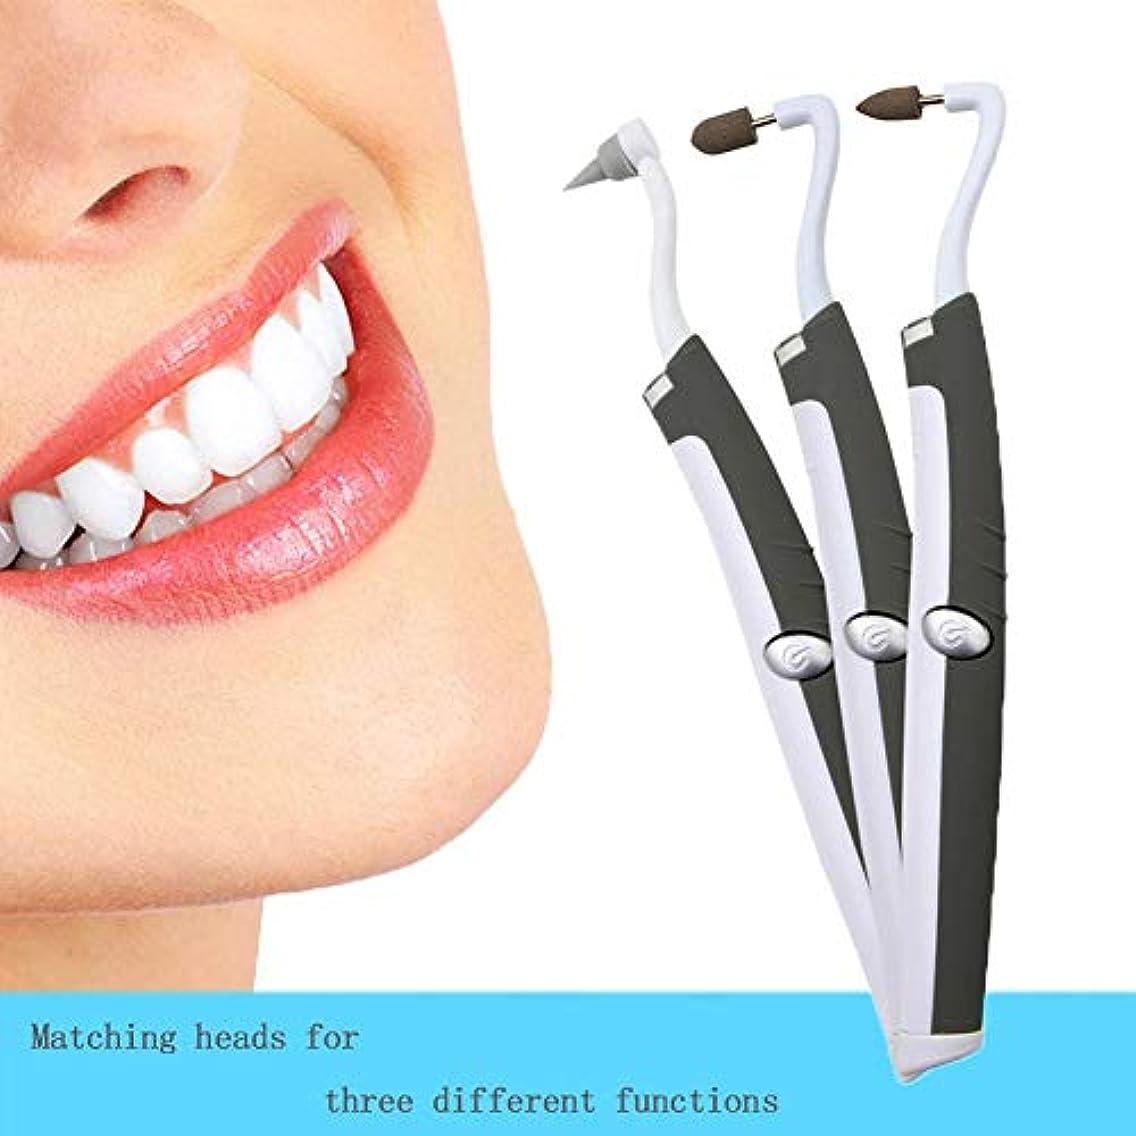 歯石除去剤-変色を取り除き、歯を白くする歯石除去剤歯石が歯を除去しますポーランドのスリップが歯垢の汚れを防ぎます(3頭)